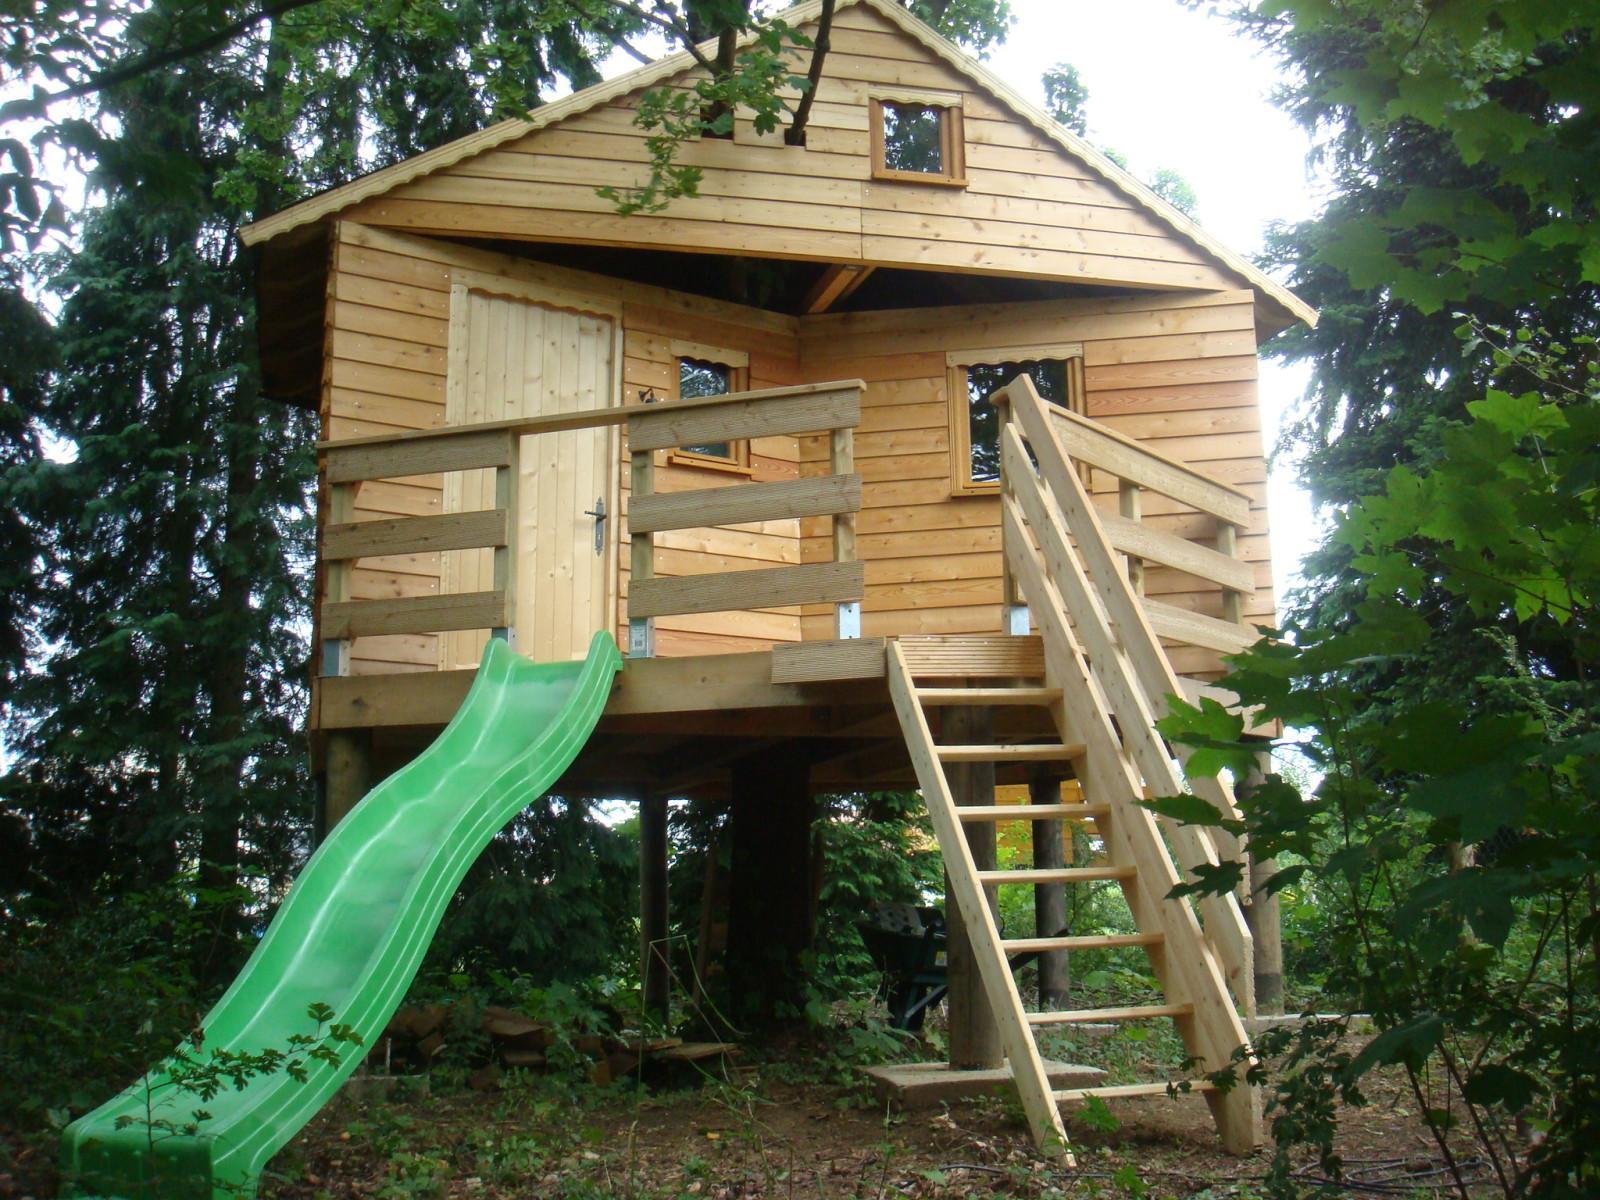 Comment faire une cabane dans les bois facilement